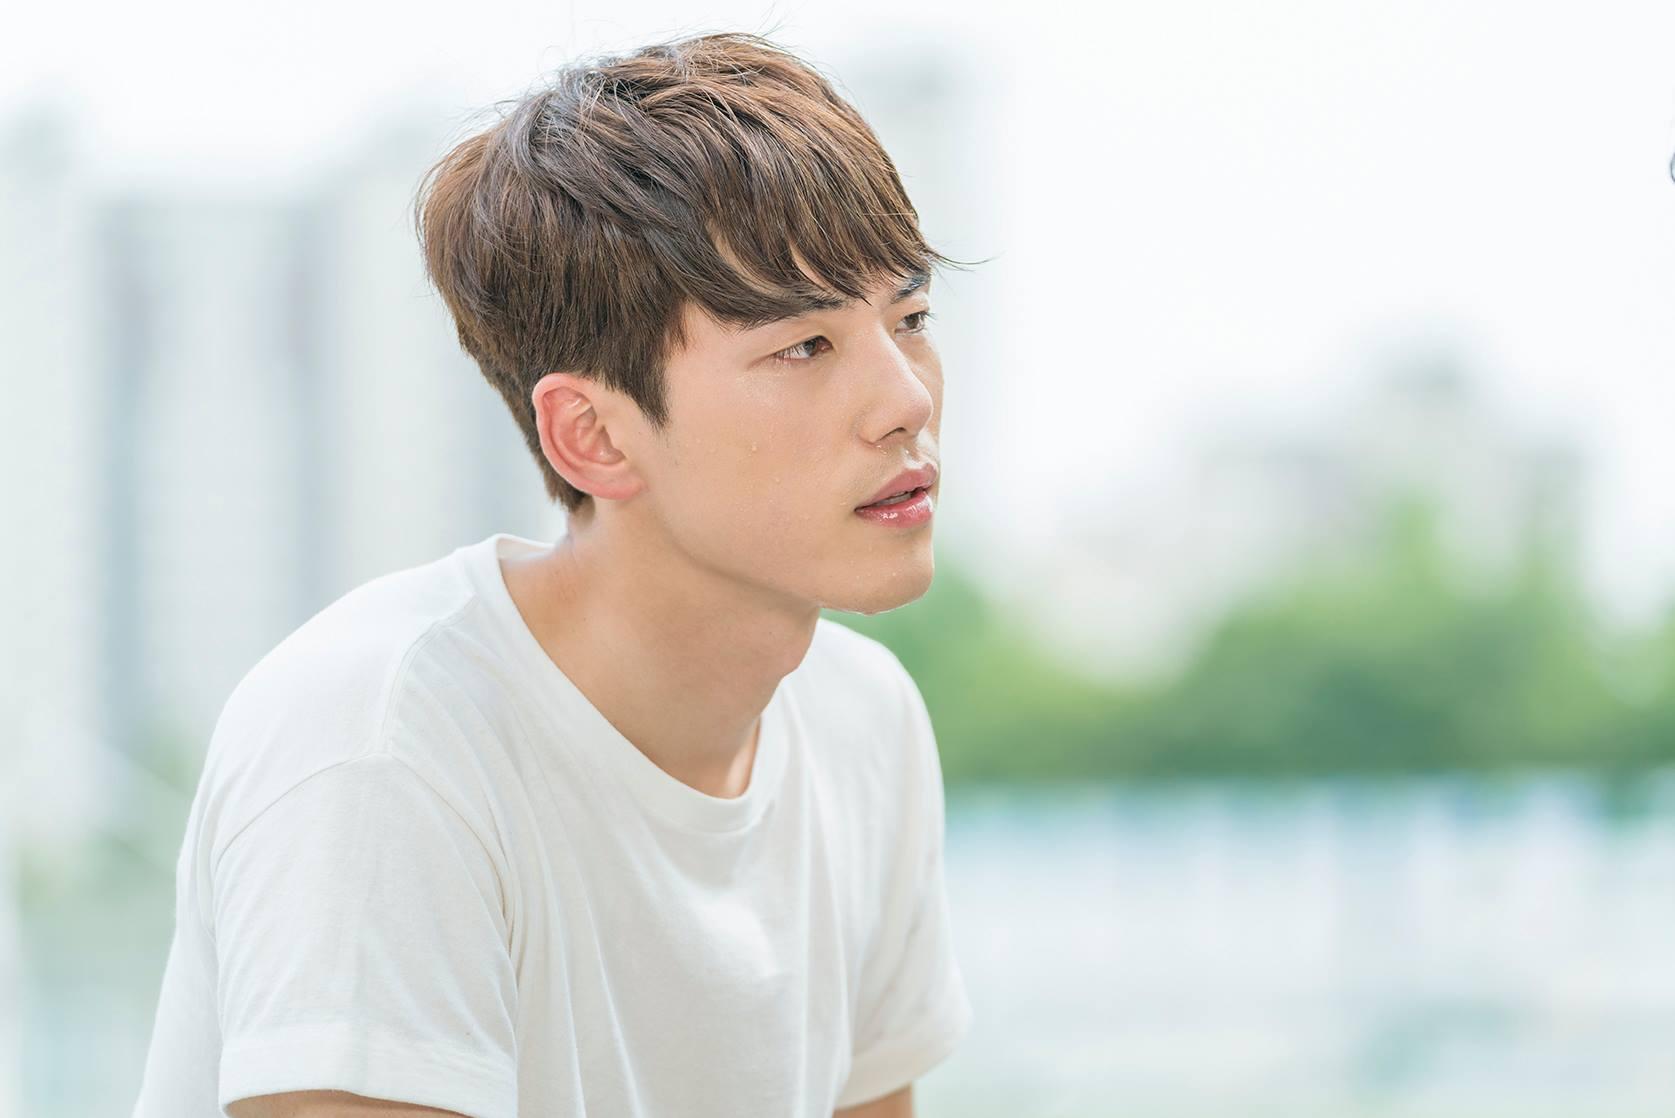 Kim Jung-hyun profil dan biodata